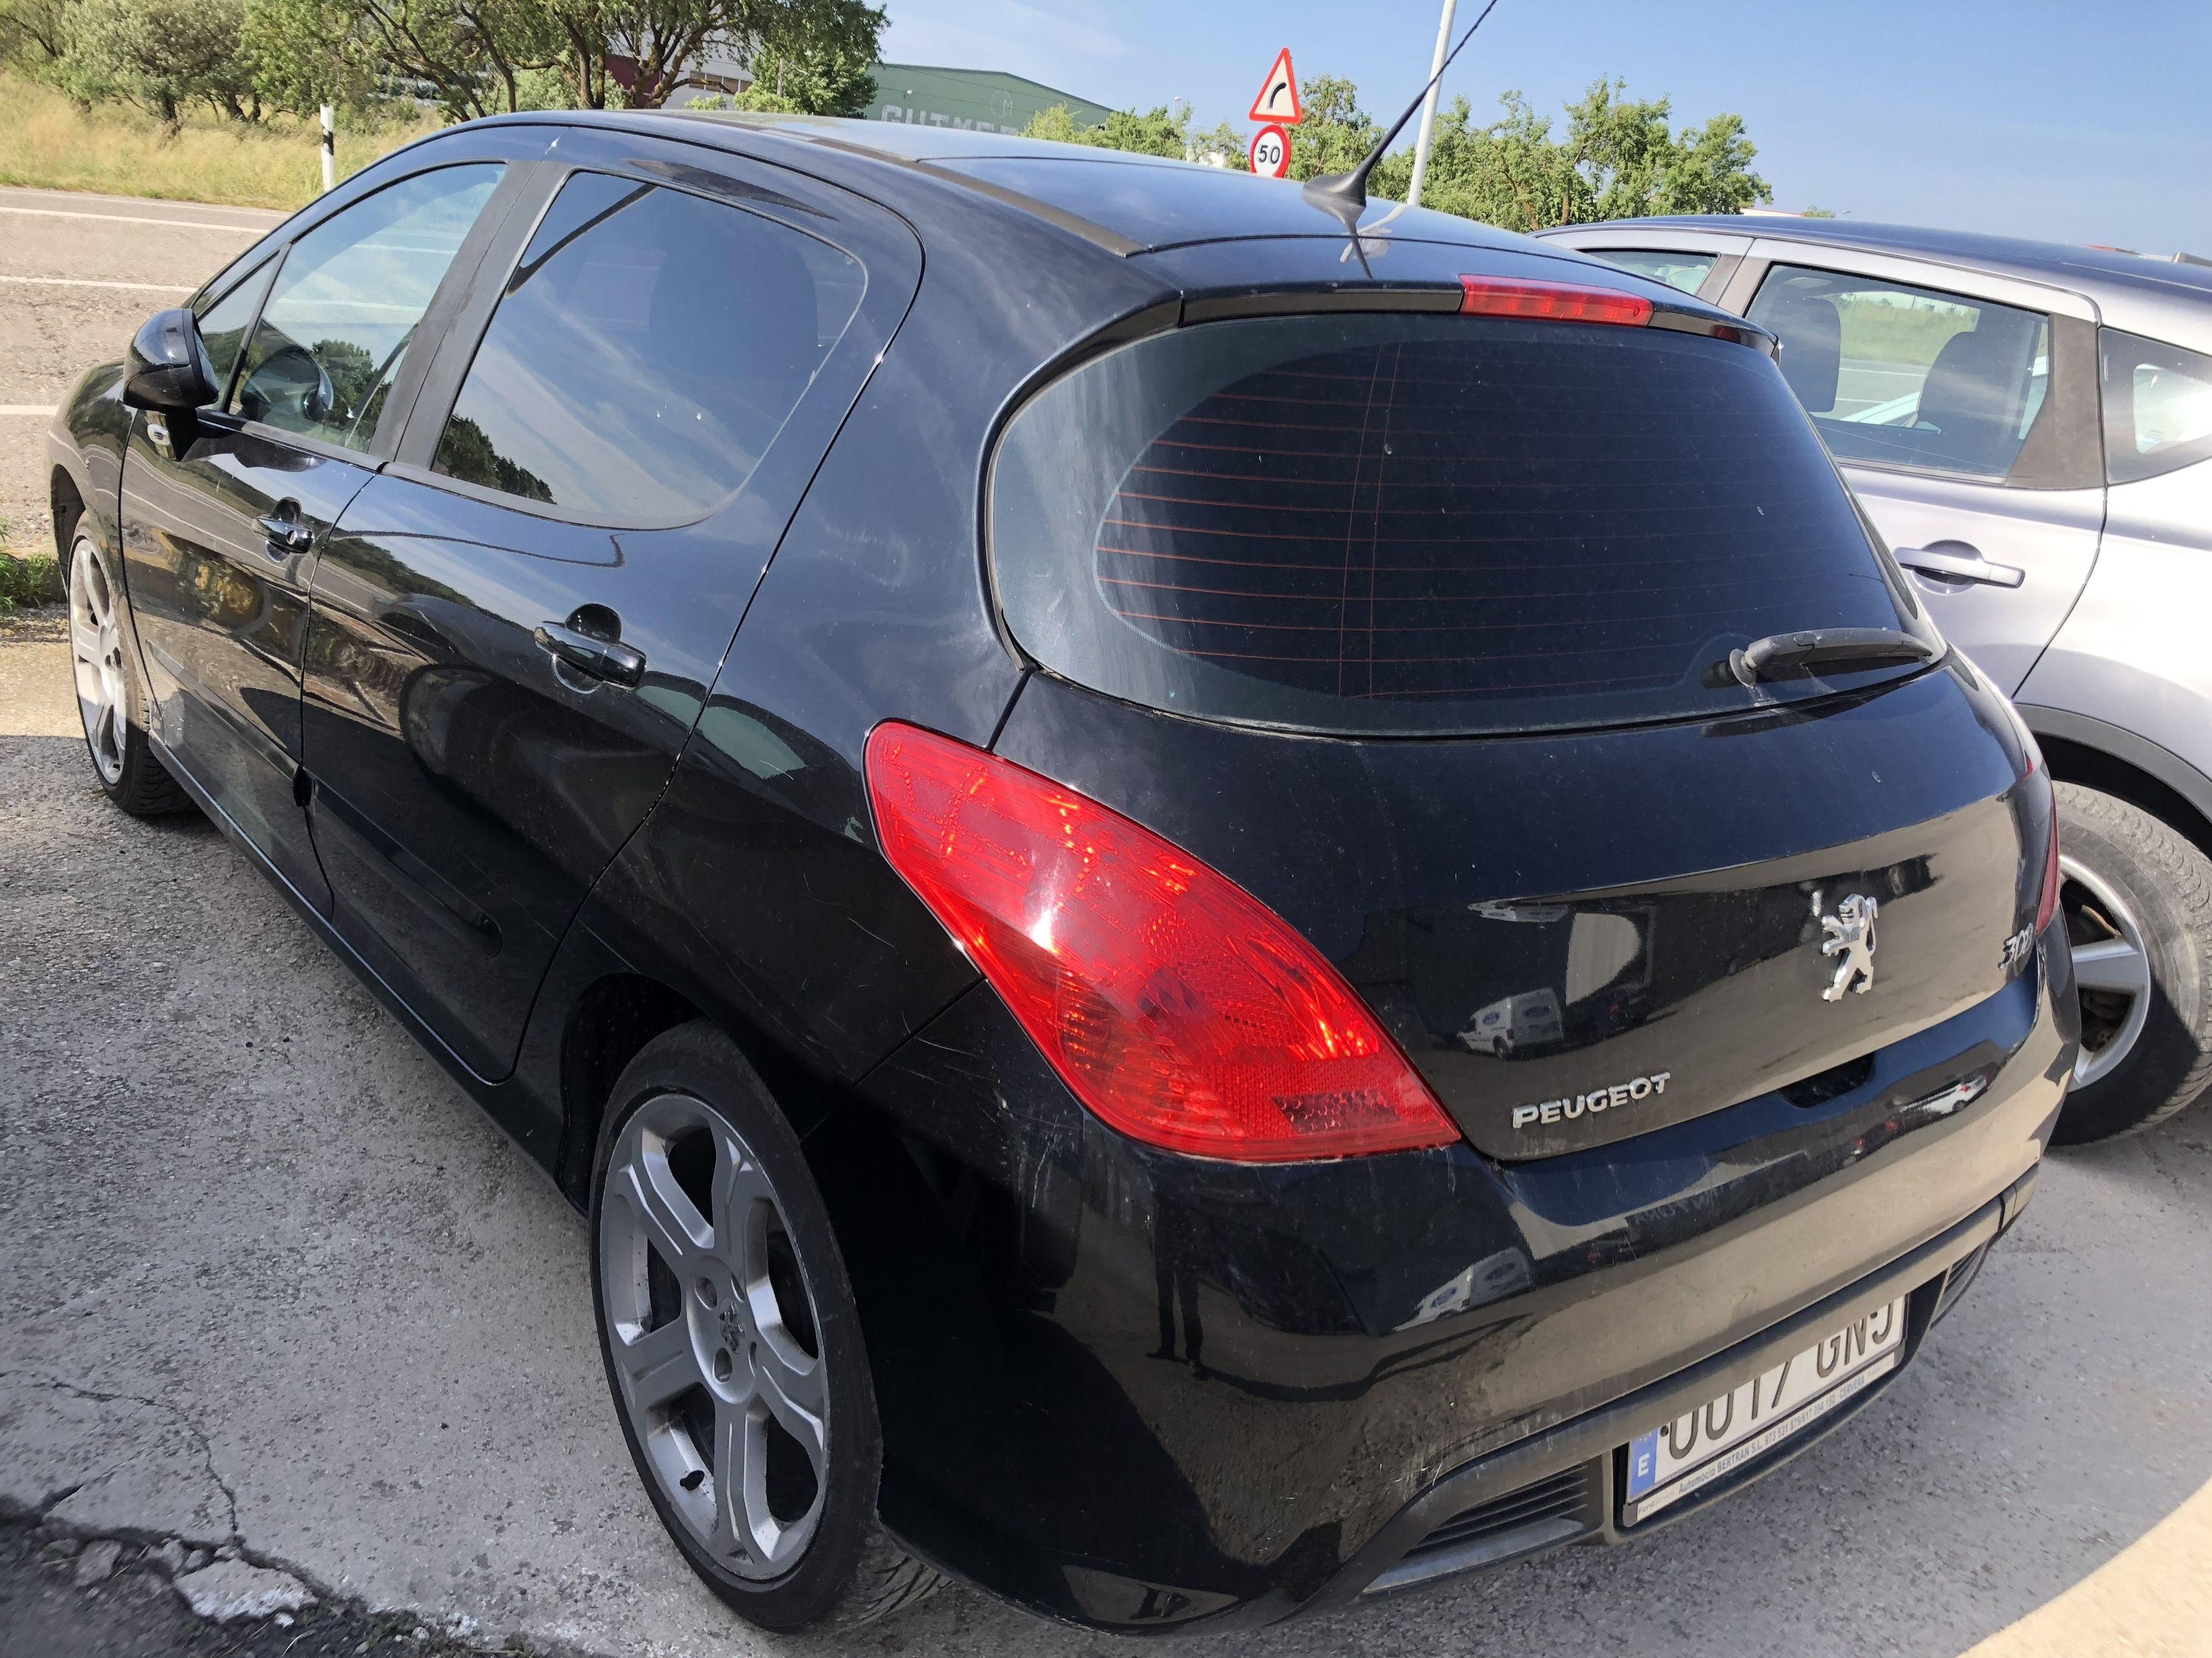 Pegeot 308 hdi 136cv 4900€: Coches Km 0 y de ocasión de Automoció Bertran S L